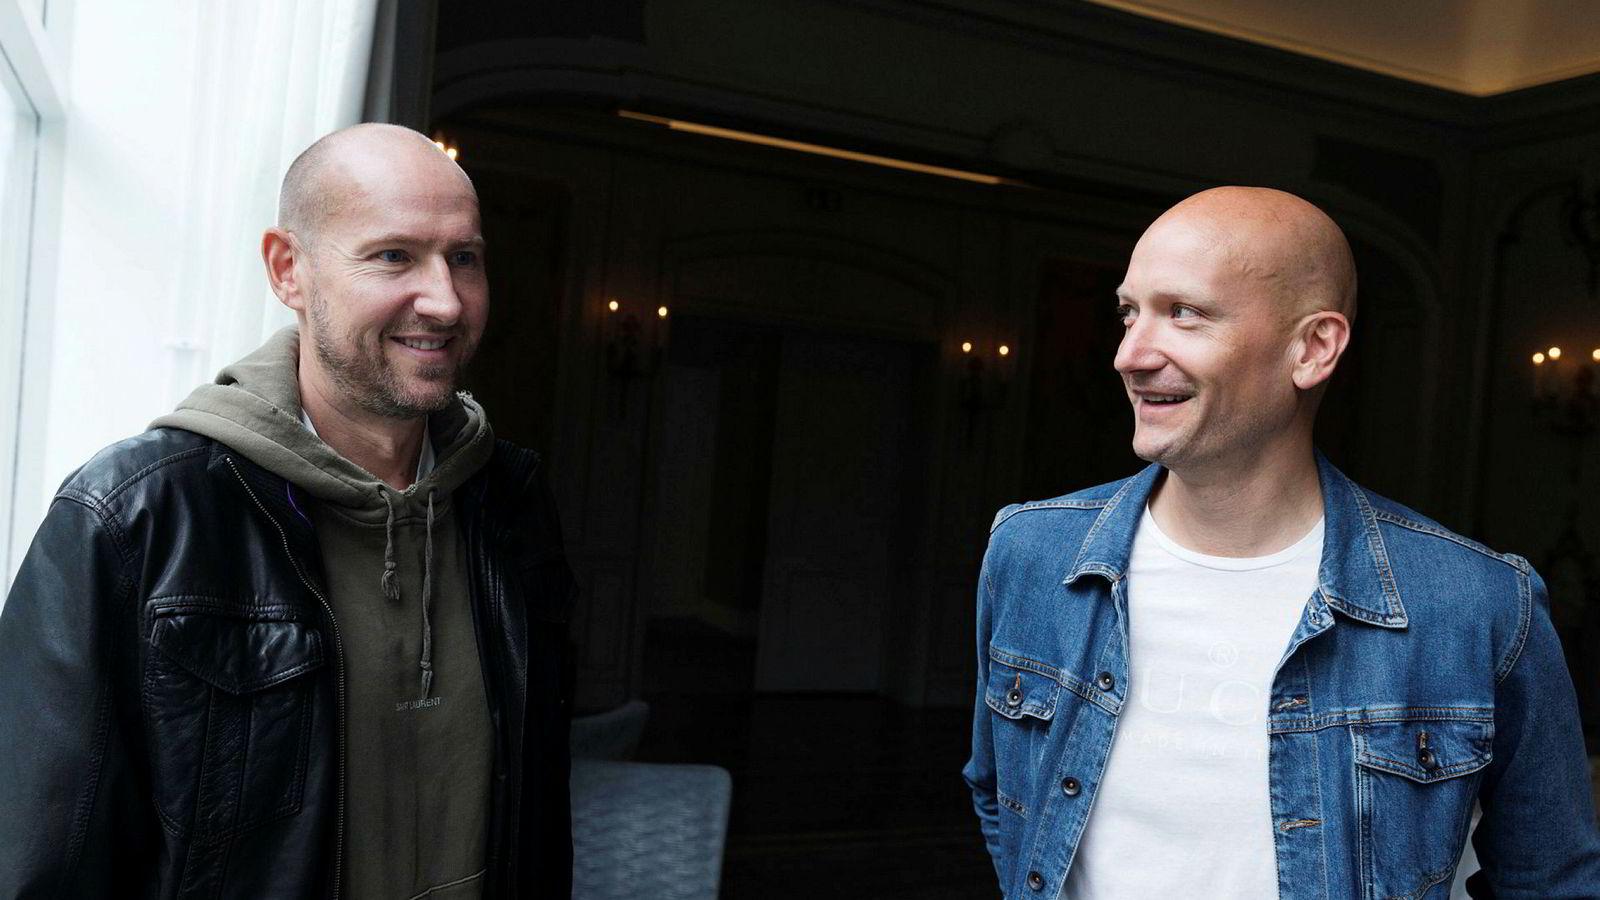 Stargate-duoen Tor Erik Hermansen (til venstre) og Mikkel Storleer Eriksen har hatt en lang pause etter å ha solgt sangkatalogen sin, men har bestemt seg for å gå i studio igjen til høsten.